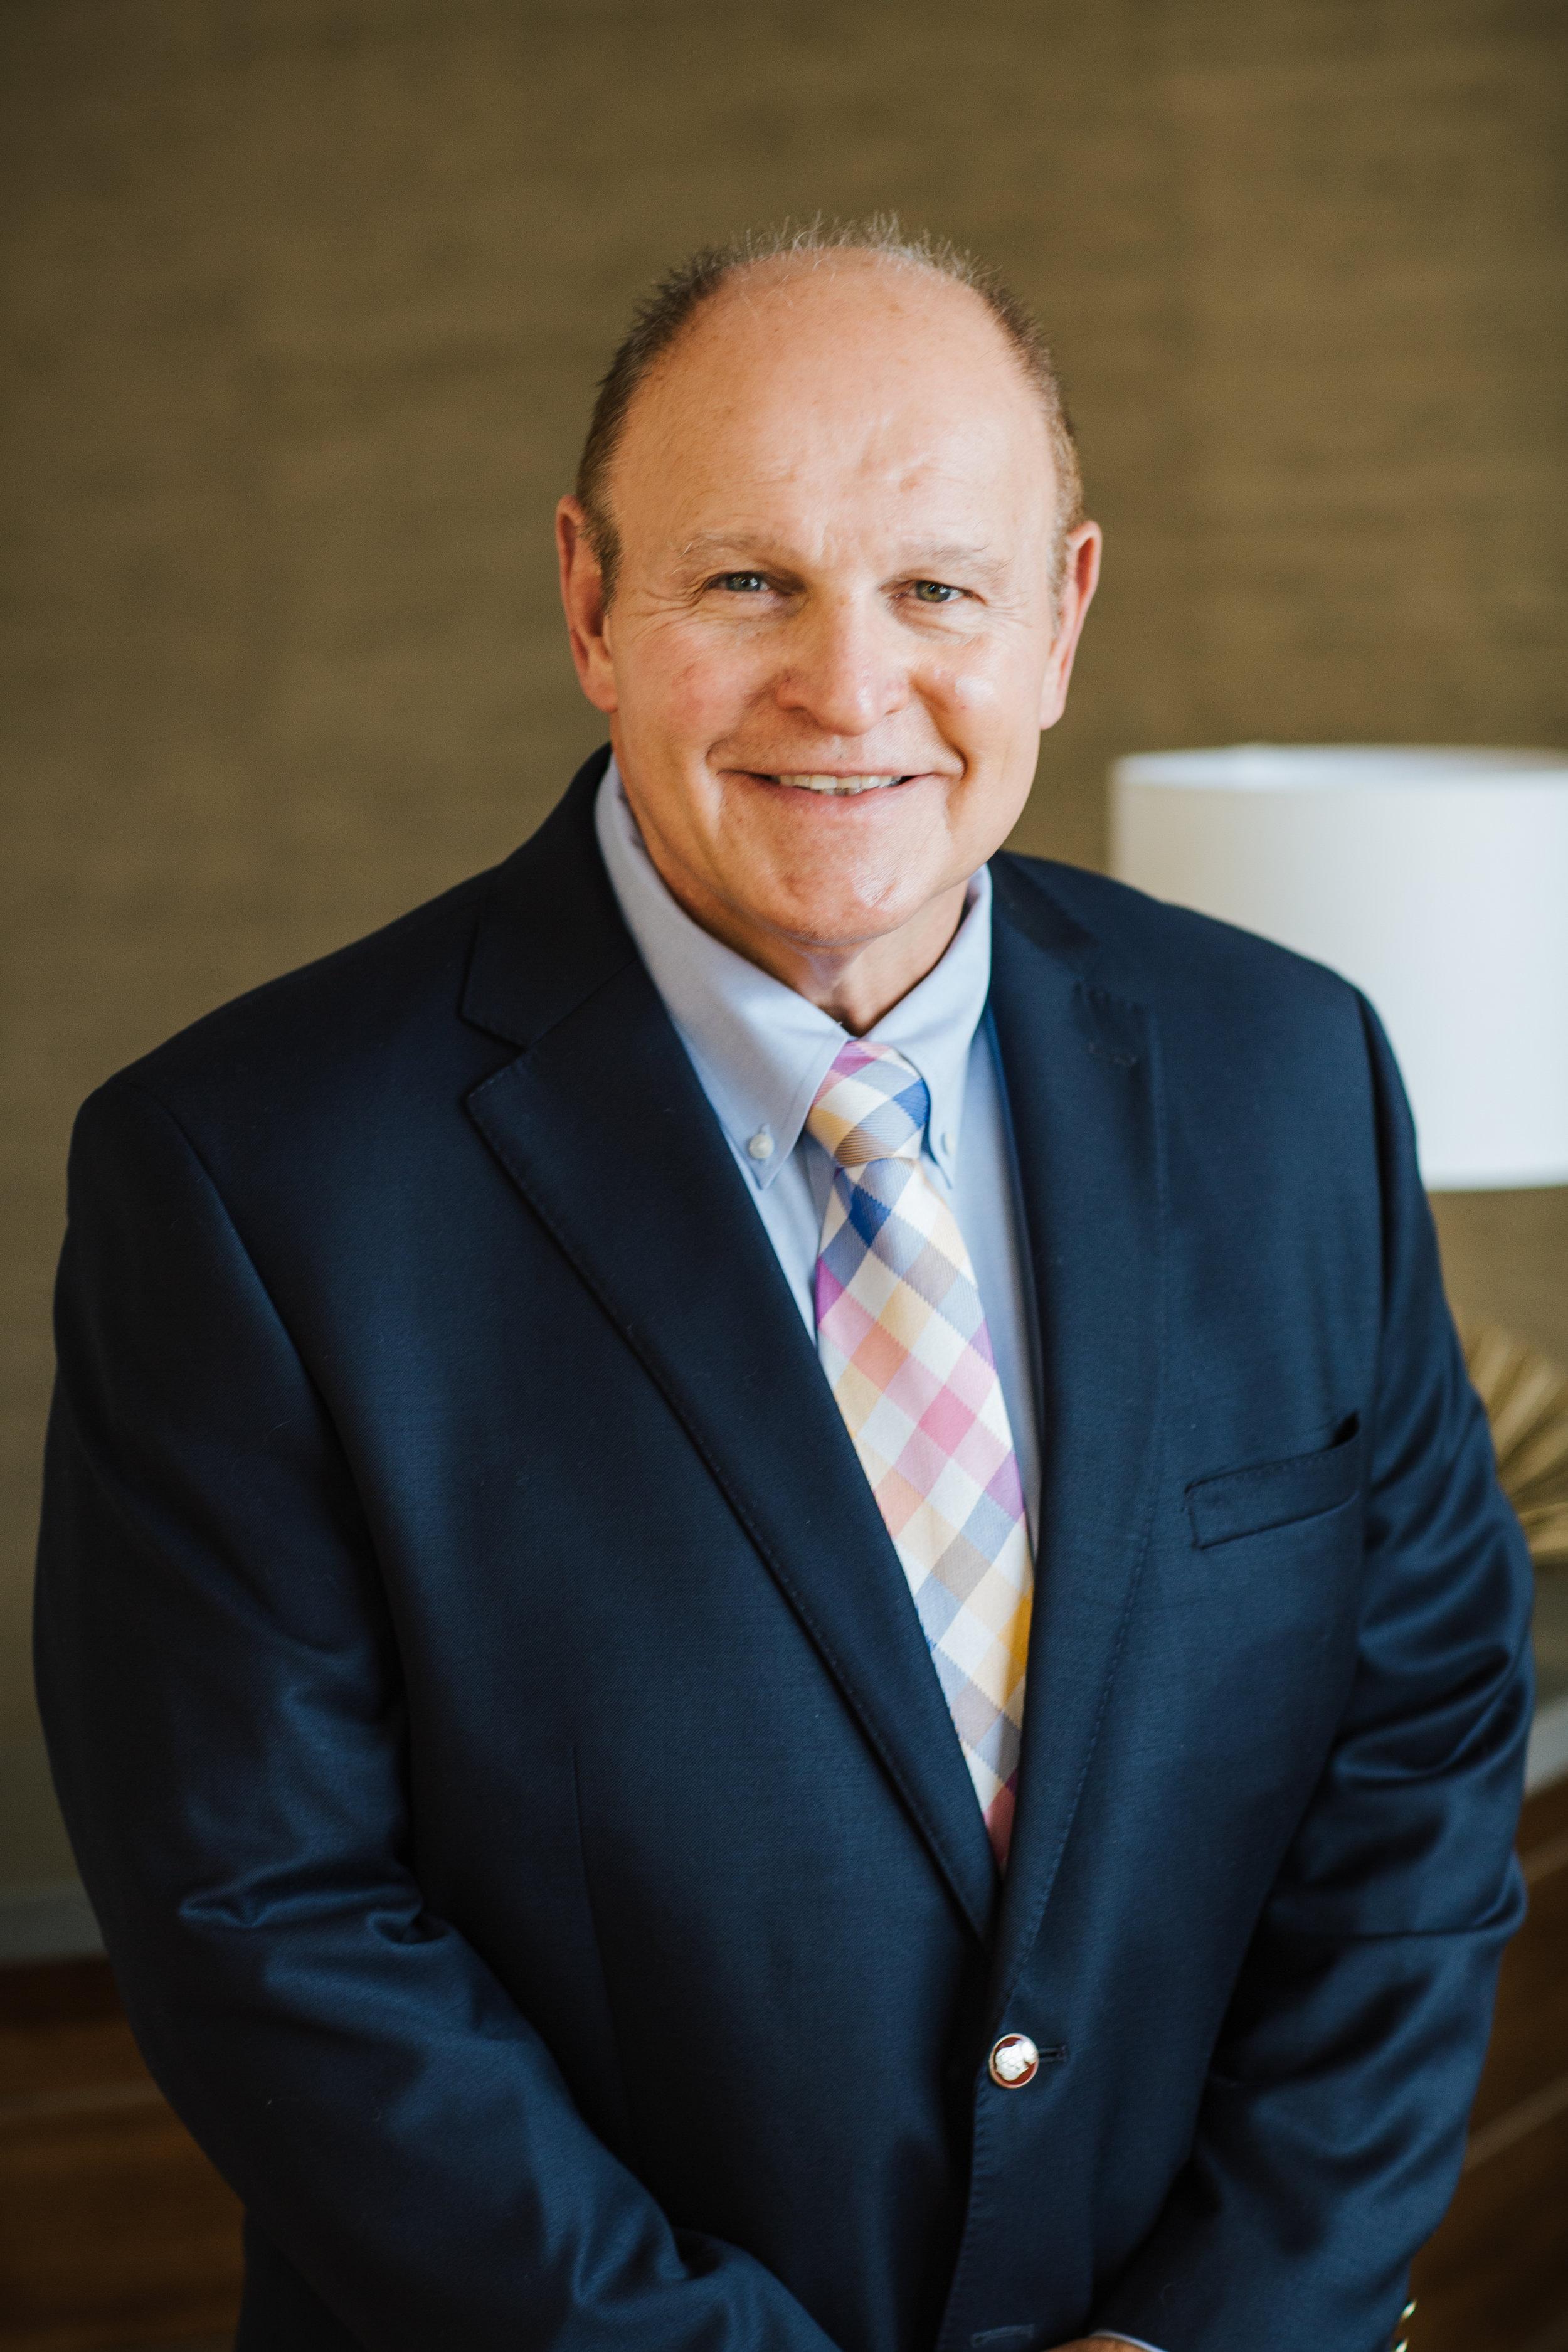 Dr. William Emendorfer